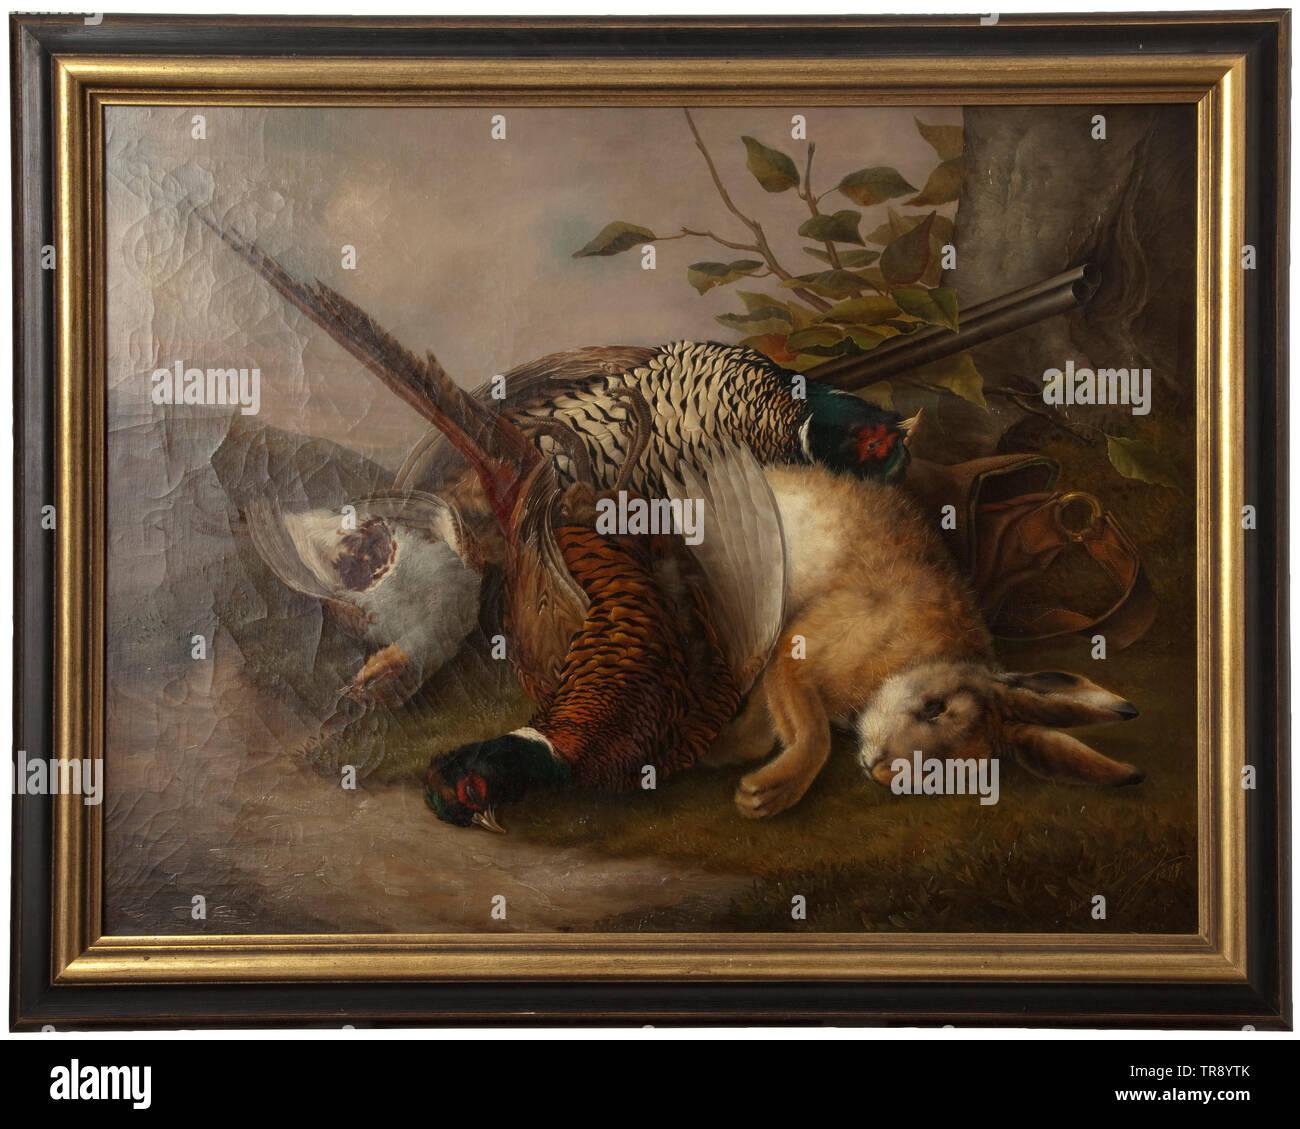 Le thème de la chasse une vie encore Huile sur toile, signée et datée 'actions Marie c. Valenzi 1877' en bas à droite. Fusil de chasse à double branche, sac de chasse et shot jeu (un lièvre, deux faisans et perdrix un) à la racine d'un arbre. Représentation réaliste, magistrale de la fourrure et les plumes en face d'un paysage finement détaillé en arrière-plan. Dans un cadre profil doré partiellement (légèrement endommagé). Doublé, les traces de l'âge. Dimensions de la photo 67 x 89 cm, dimensions du cadre 82 x 103 cm., historique, historique, chasse, chasse, chasse, morceau de l'ustensile, Additional-Rights Clearance-Info-rad-Not-Available Photo Stock